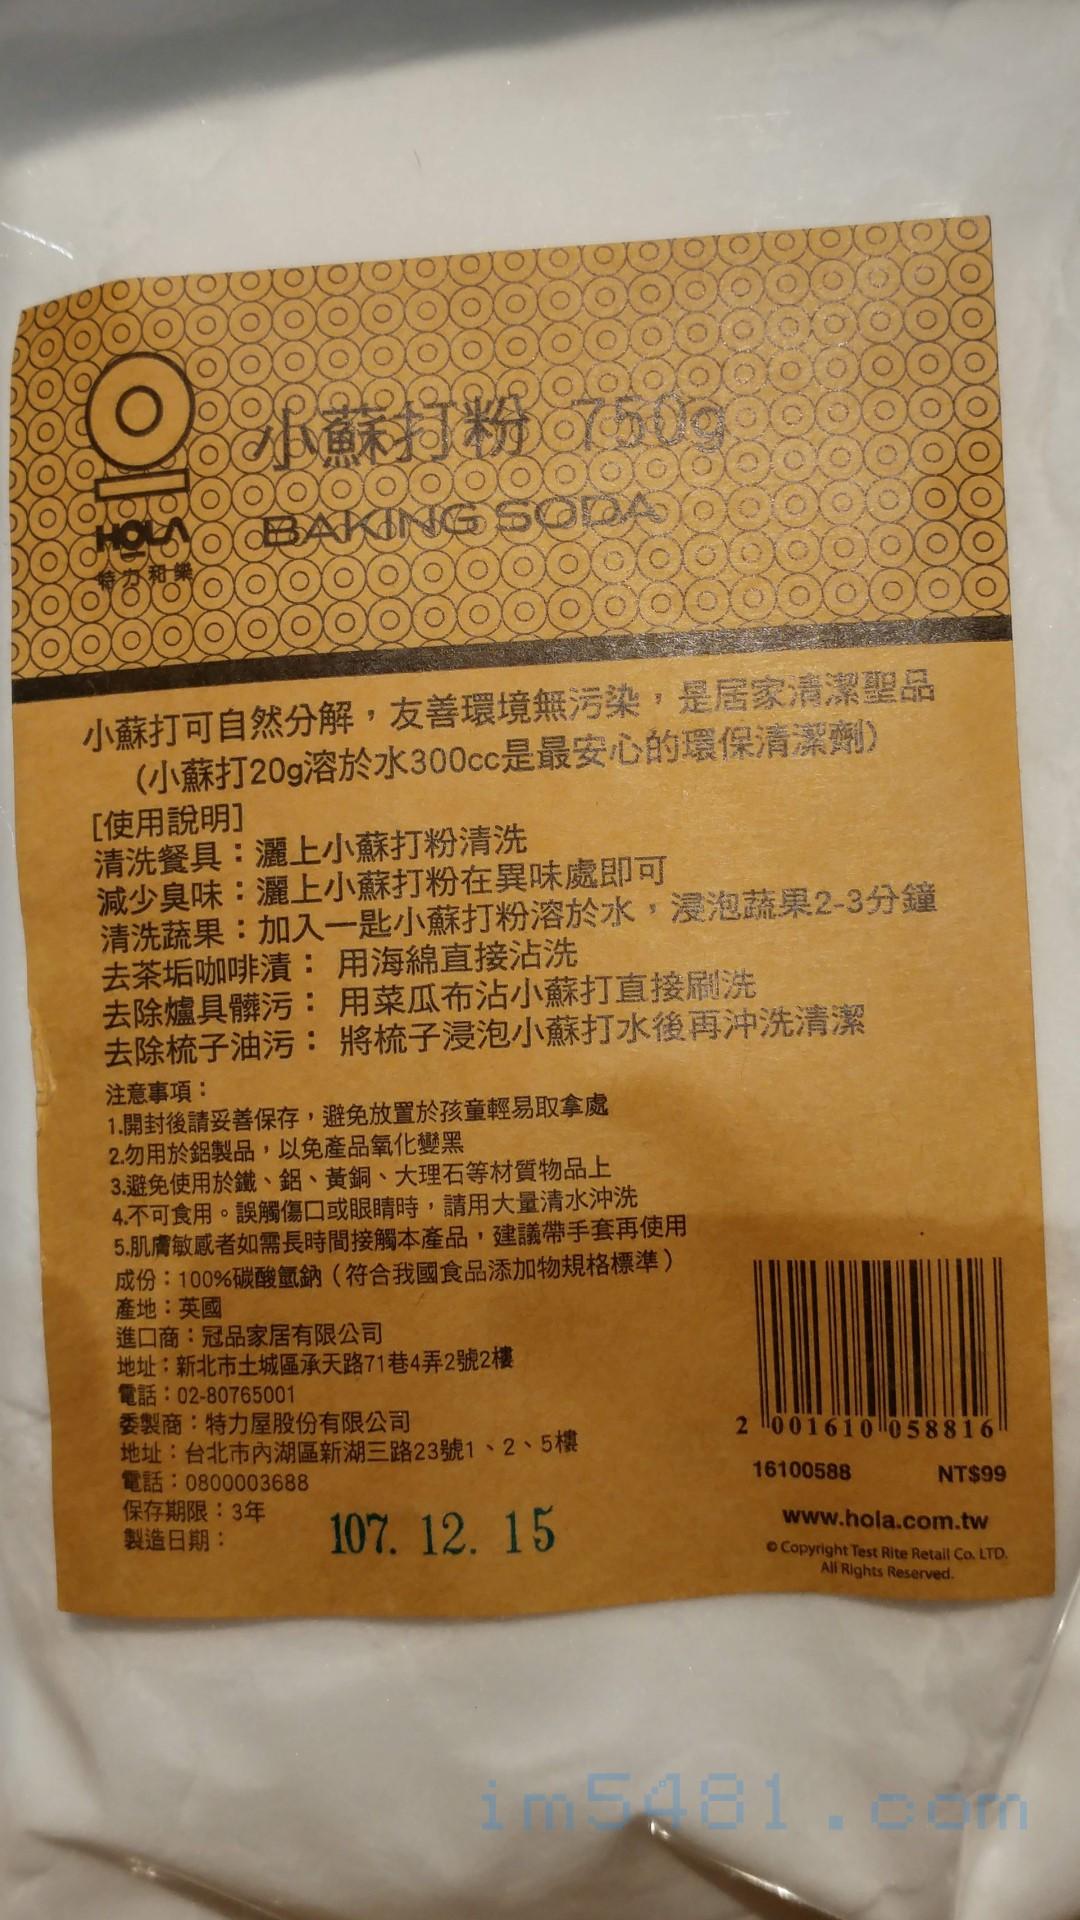 HOLA的小蘇打粉使用說明沒有建議你去清洗衣物或洗衣機,並且明確寫出小蘇打20g溶於水300c.c。